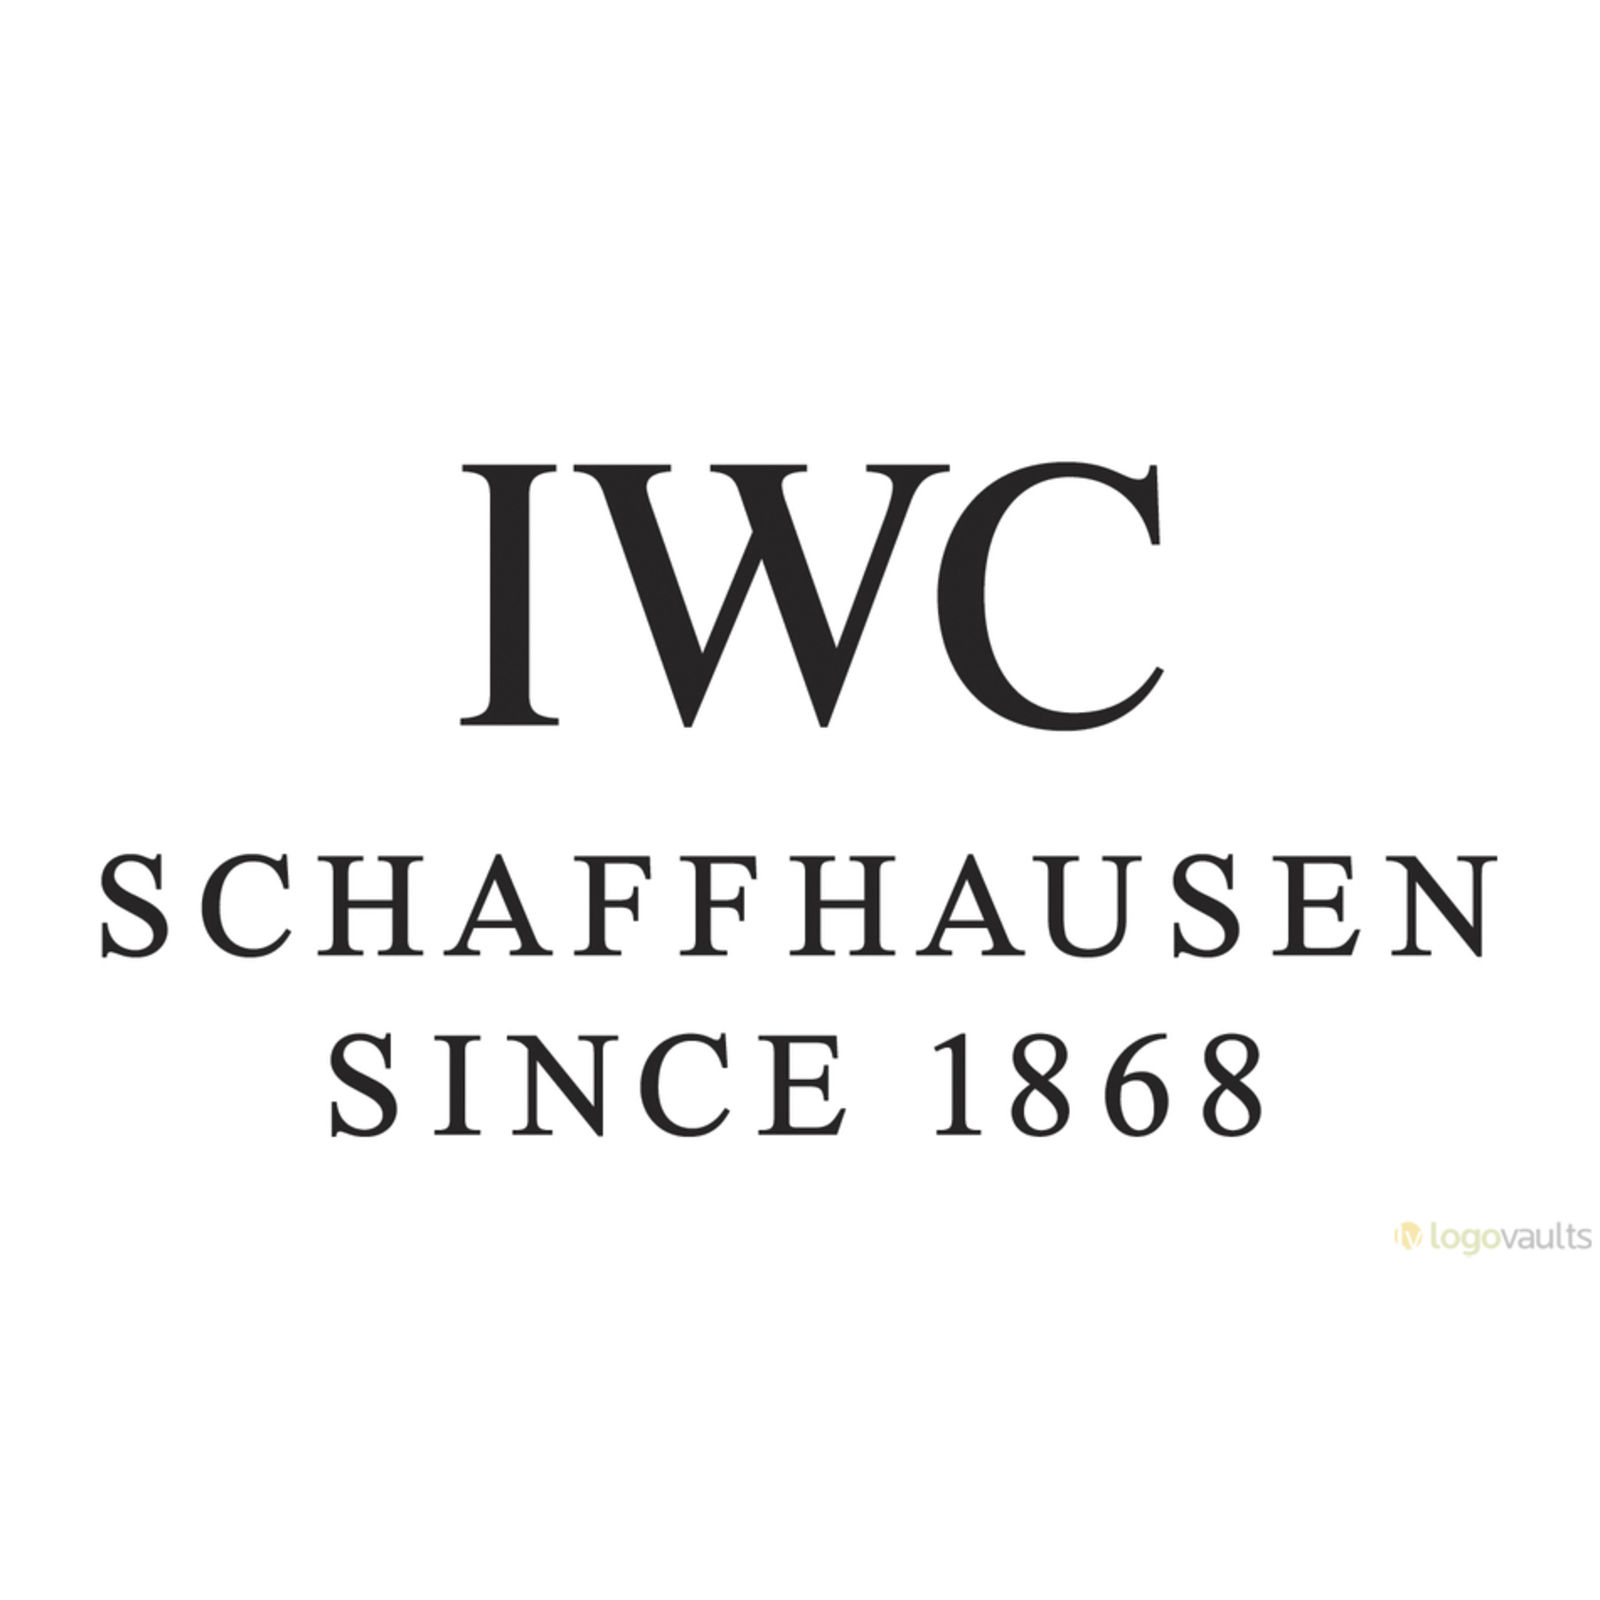 IWC (Image 1)